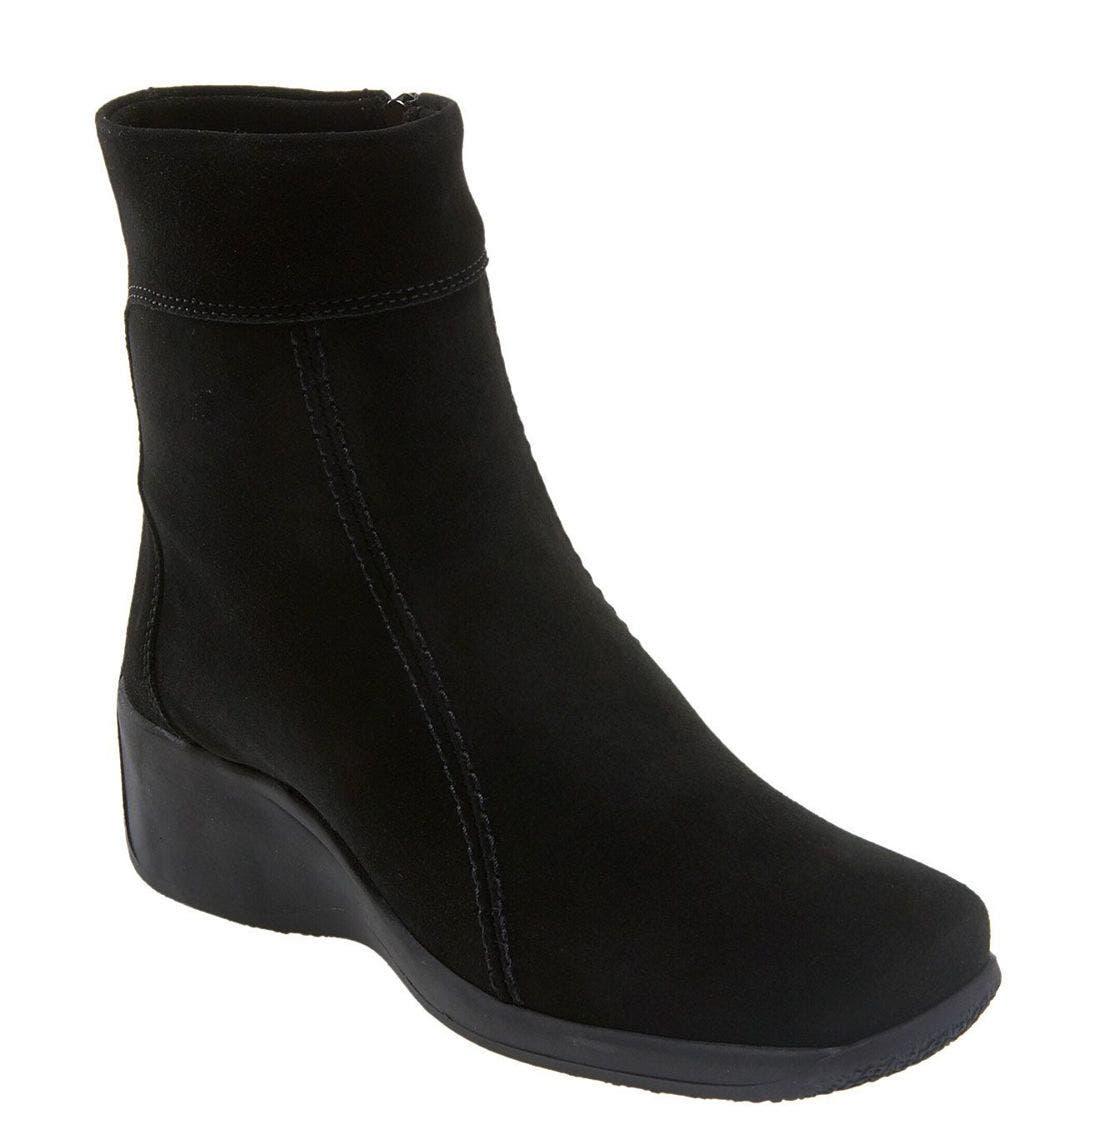 Alternate Image 1 Selected - La Canadienne 'Felicia' Waterproof Ankle Boot